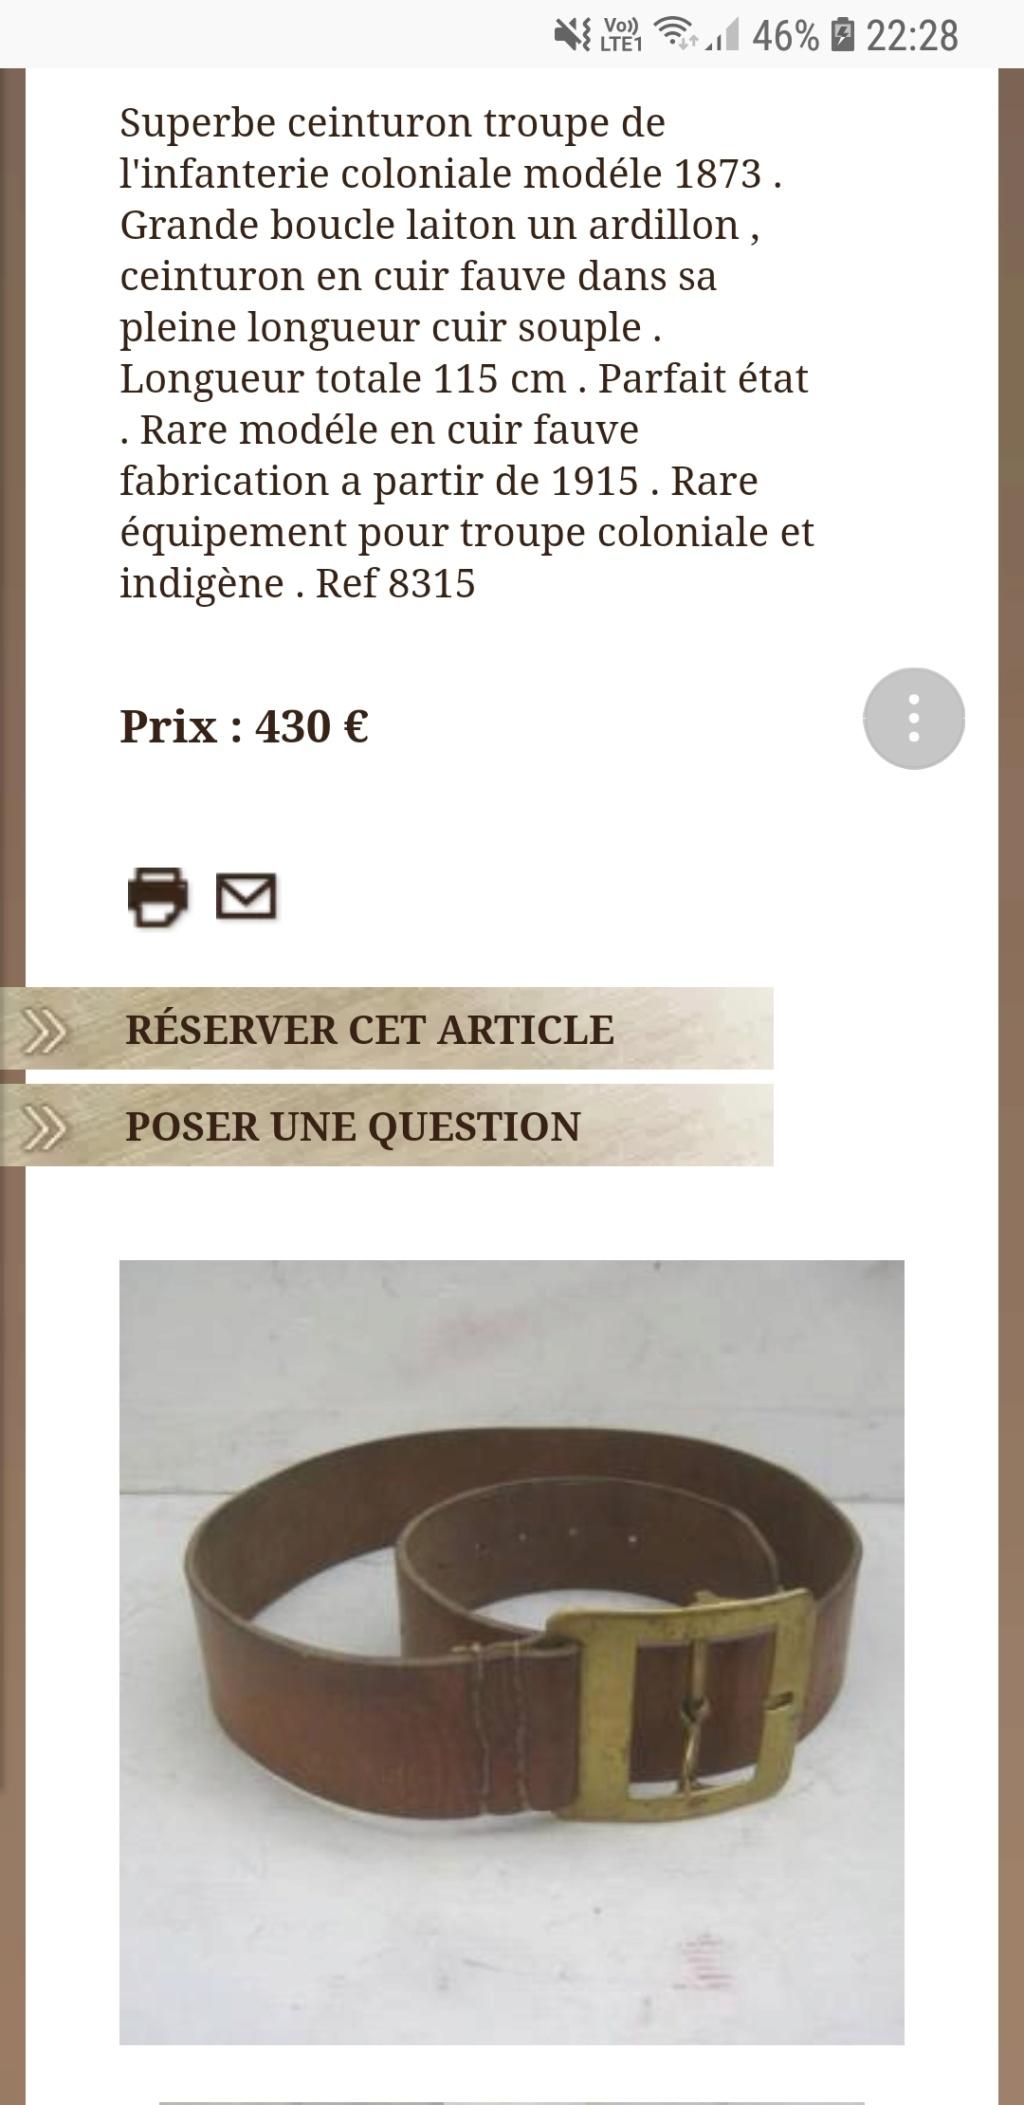 CEINTURON FRANCAIS TROUPE COLONIALE MODELE 1873 Screen10